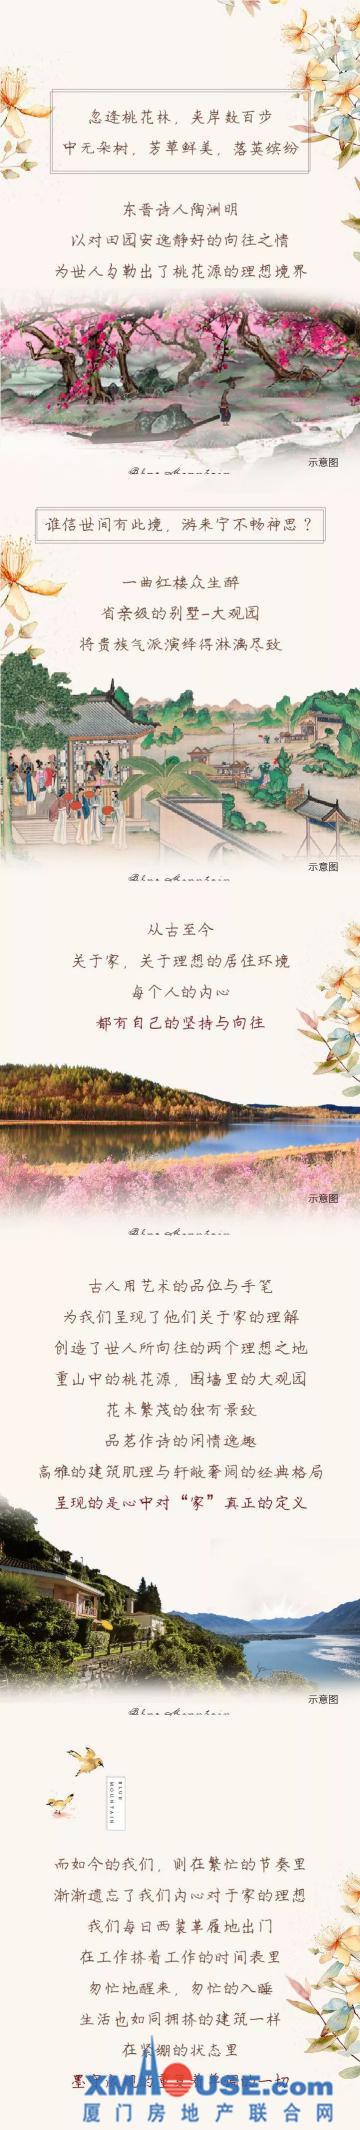 十里蓝山:走进桃花源遇见大观园